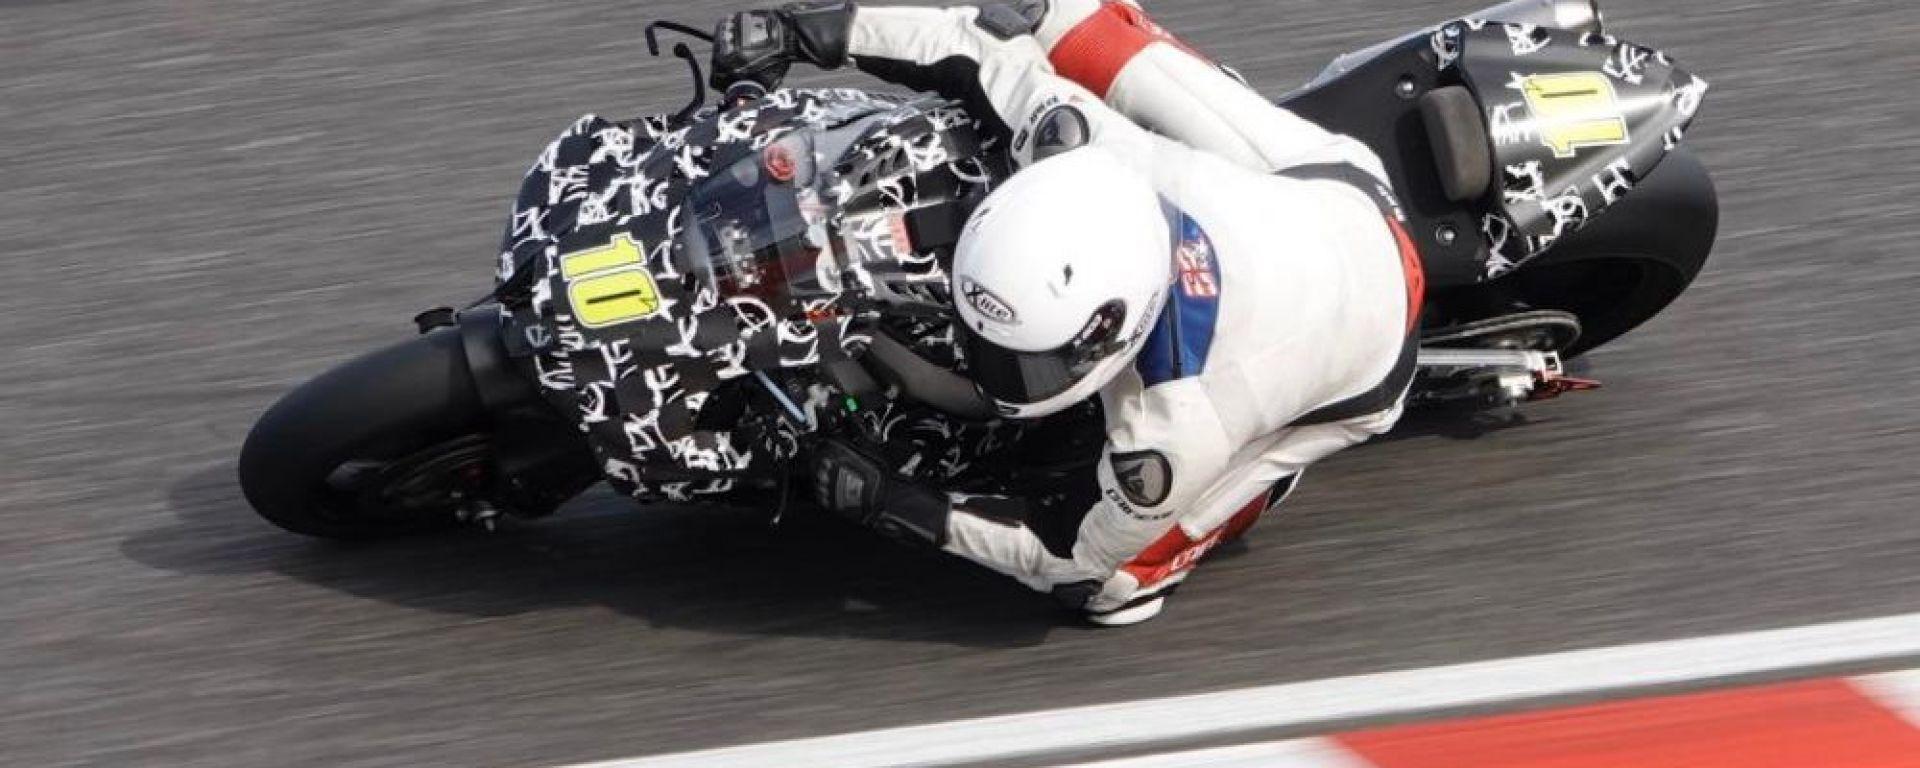 Nuova Honda CBR1000RR: arriva ad EICMA 2019